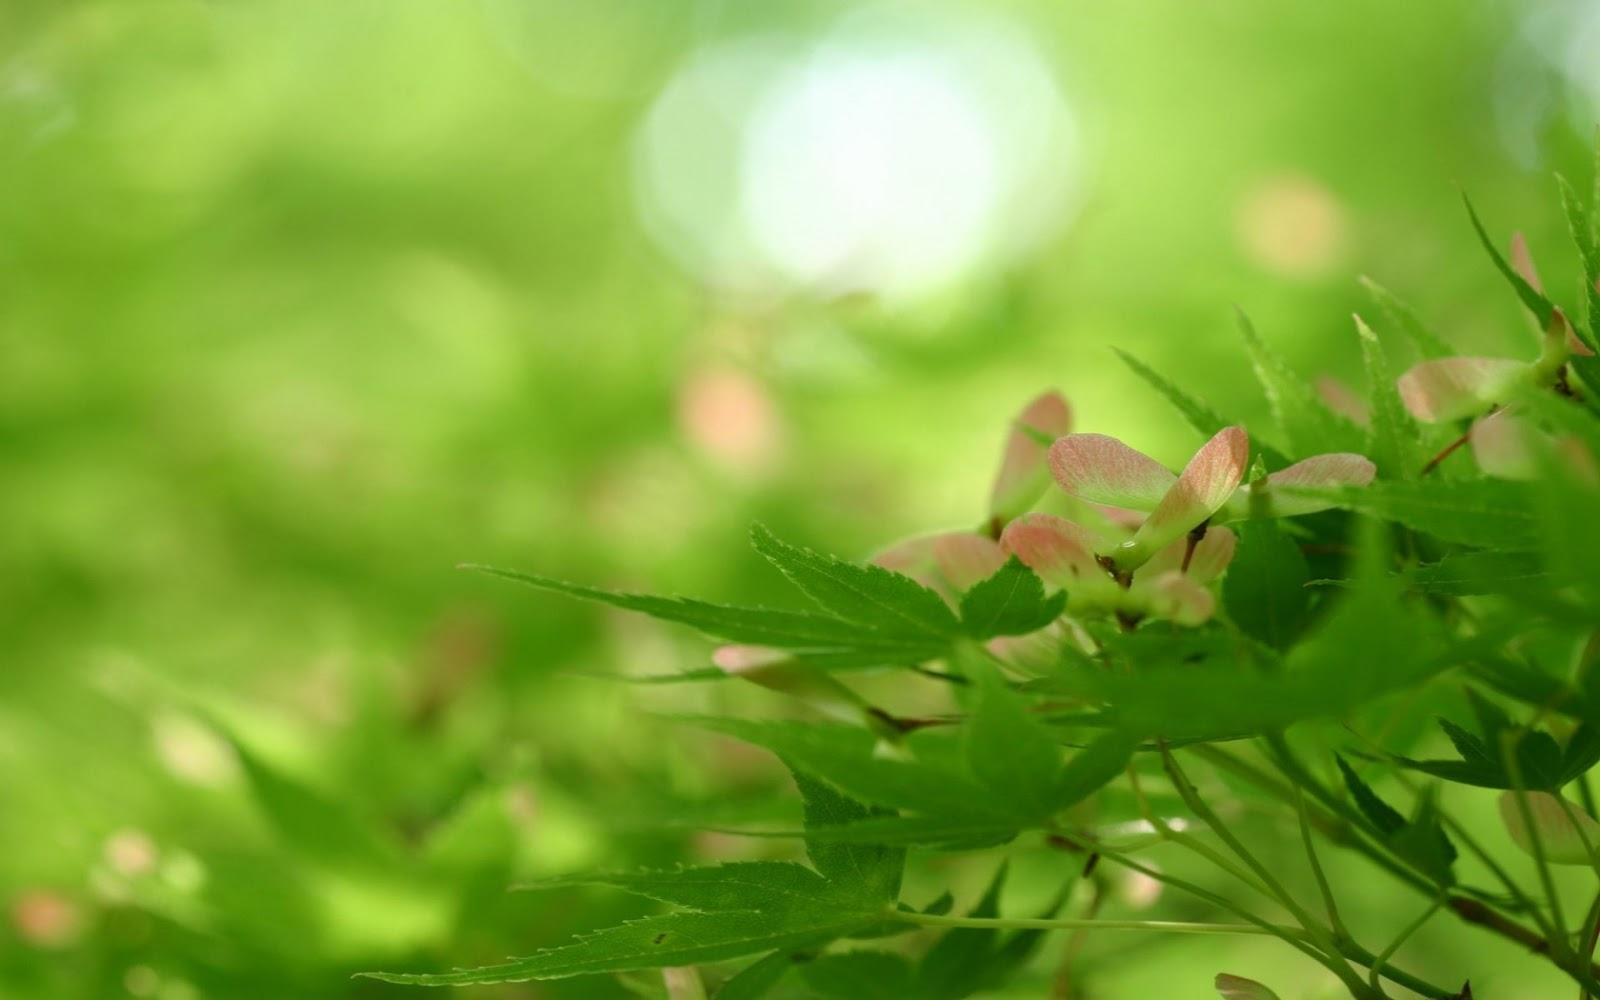 http://2.bp.blogspot.com/-G7Jd9bVFyag/UHr-A7GRJGI/AAAAAAAAFpE/QDdlTU7SAMk/s1600/rising-nature-wallpapers_8401_1680x1050.jpg